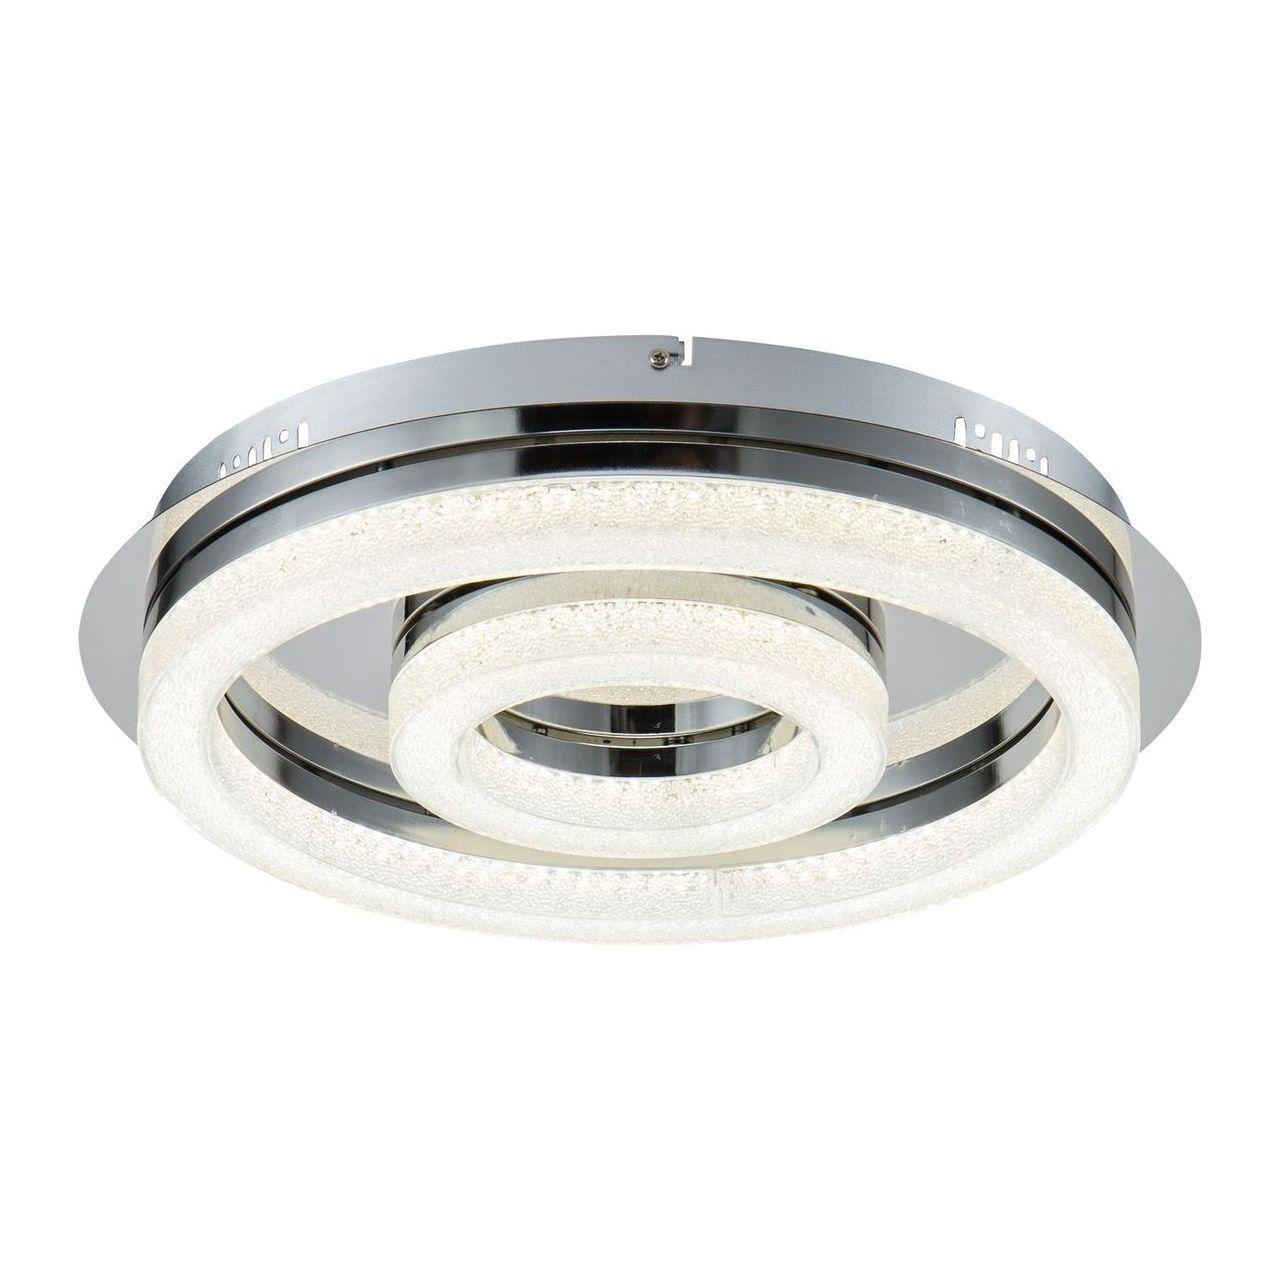 Потолочный светодиодный светильник Freya Сaprice FR6001CL-L33CH freya потолочный светодиодный светильник freya severus fr6006cl l54w